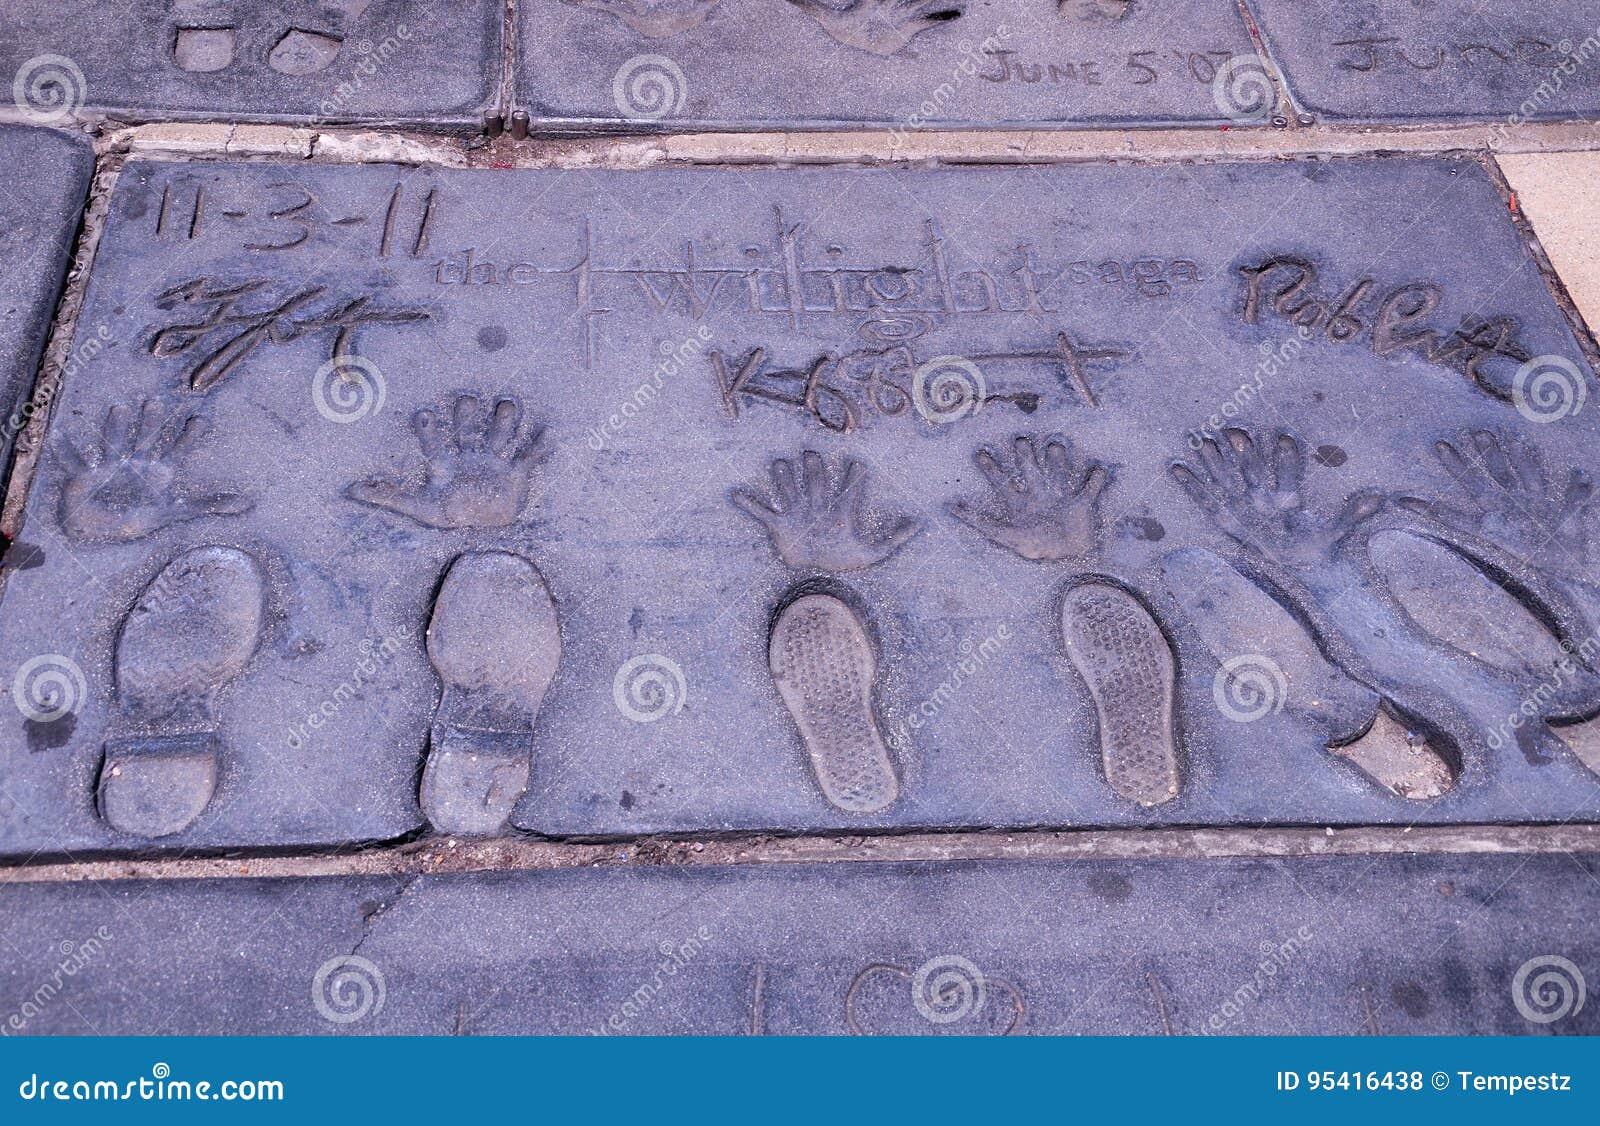 Estrellas de cine crepusculares mano e impresiones del pie